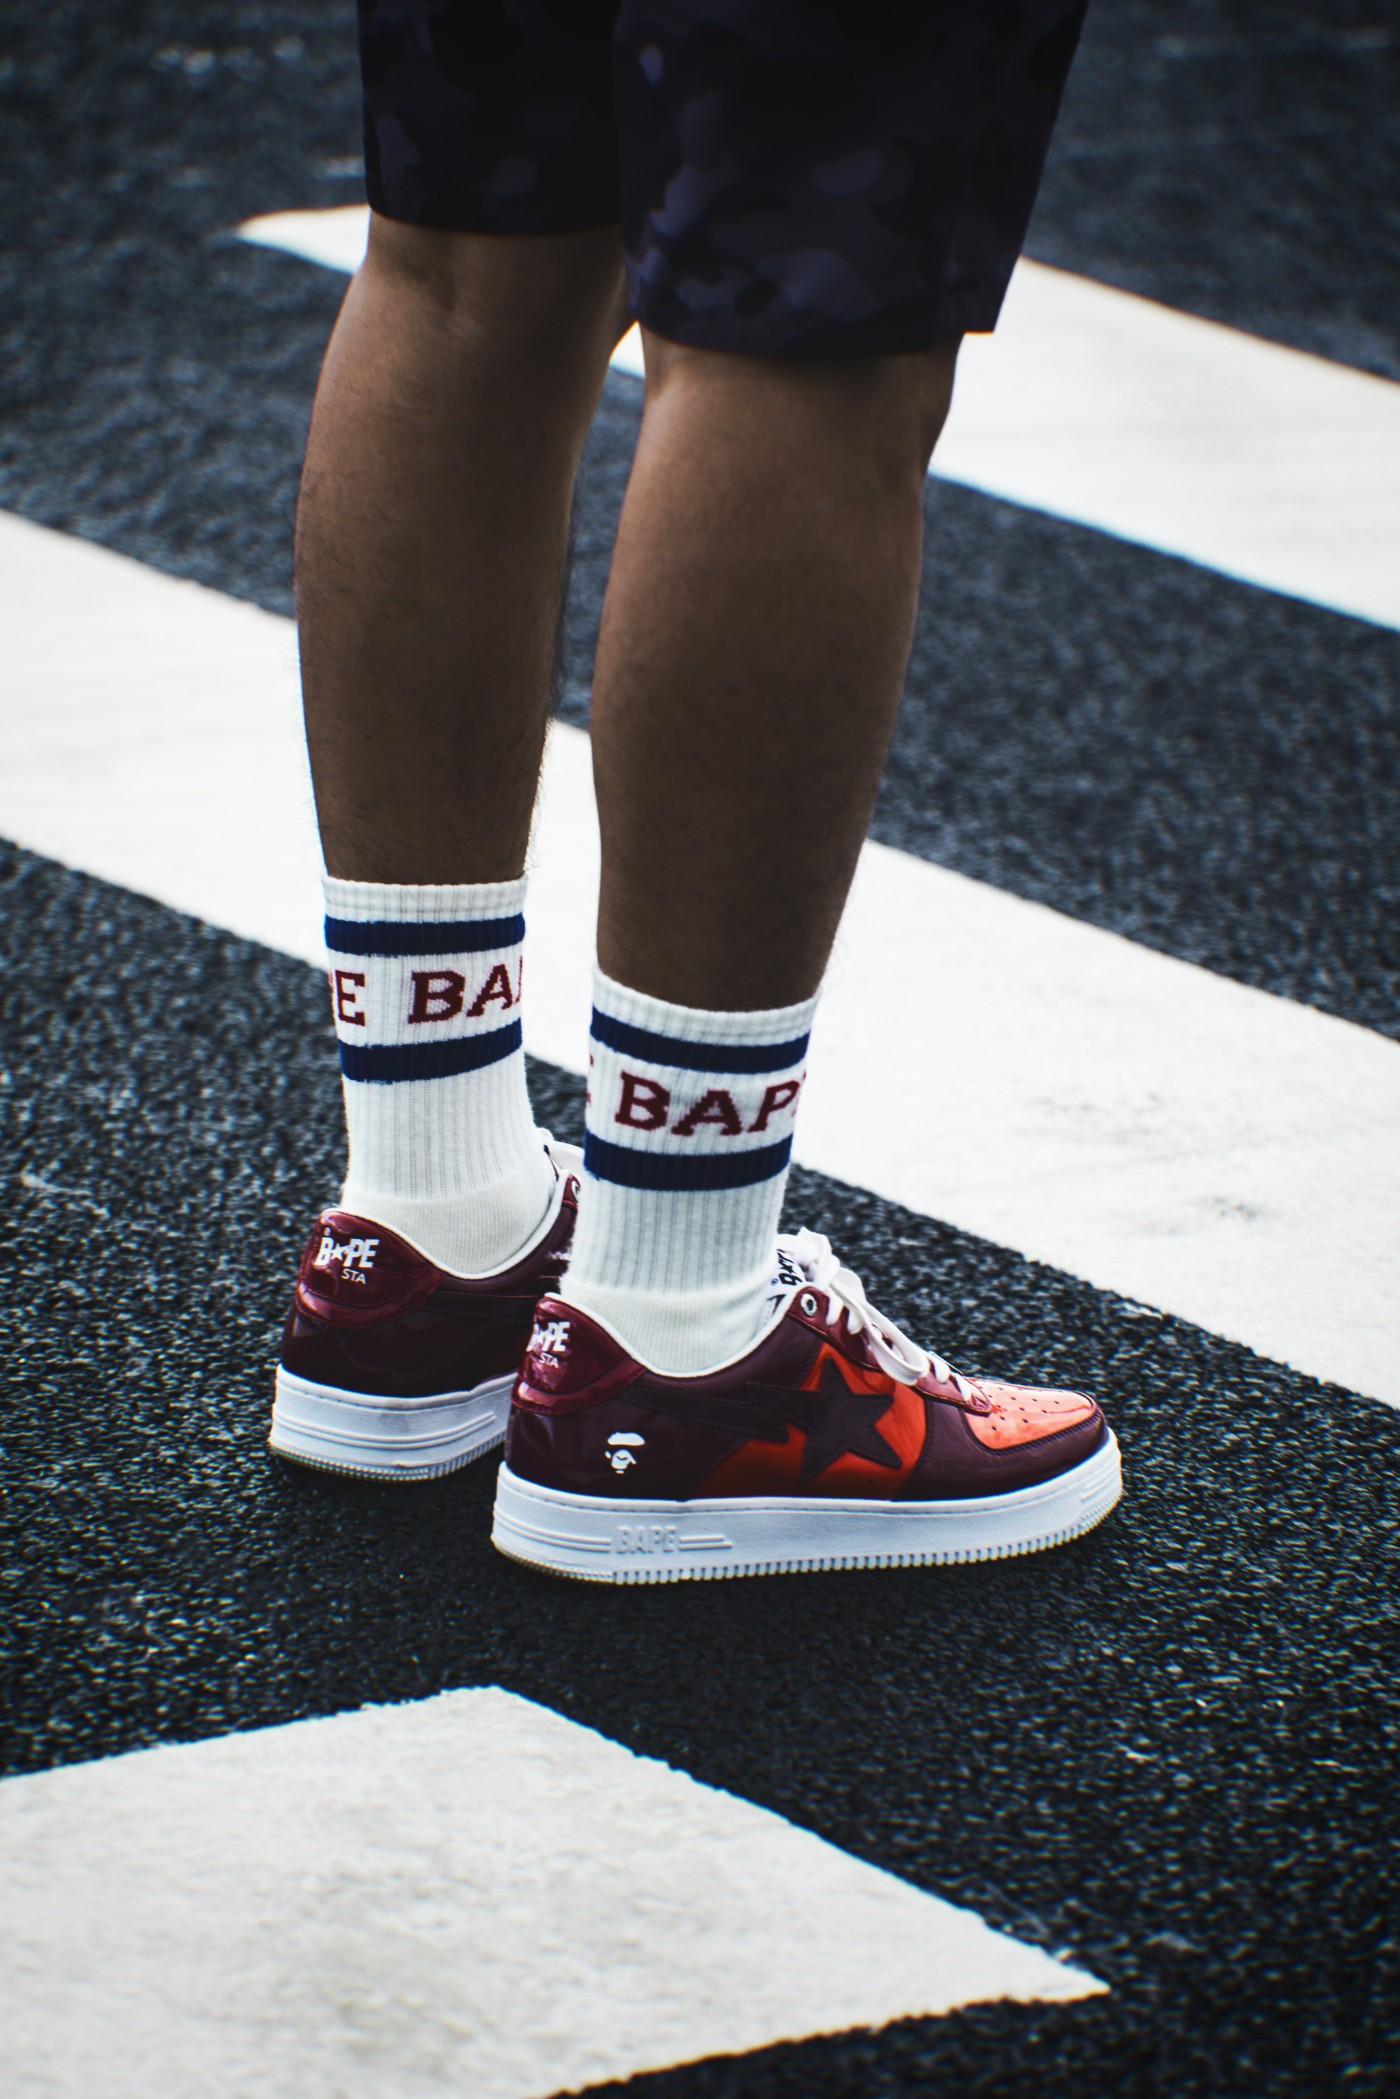 BAPE Star,吴亦凡,坎爷,BAPE  第一次见吴亦凡穿这双鞋!20 年前力压 AJ!侃爷看了直呼爷青回!